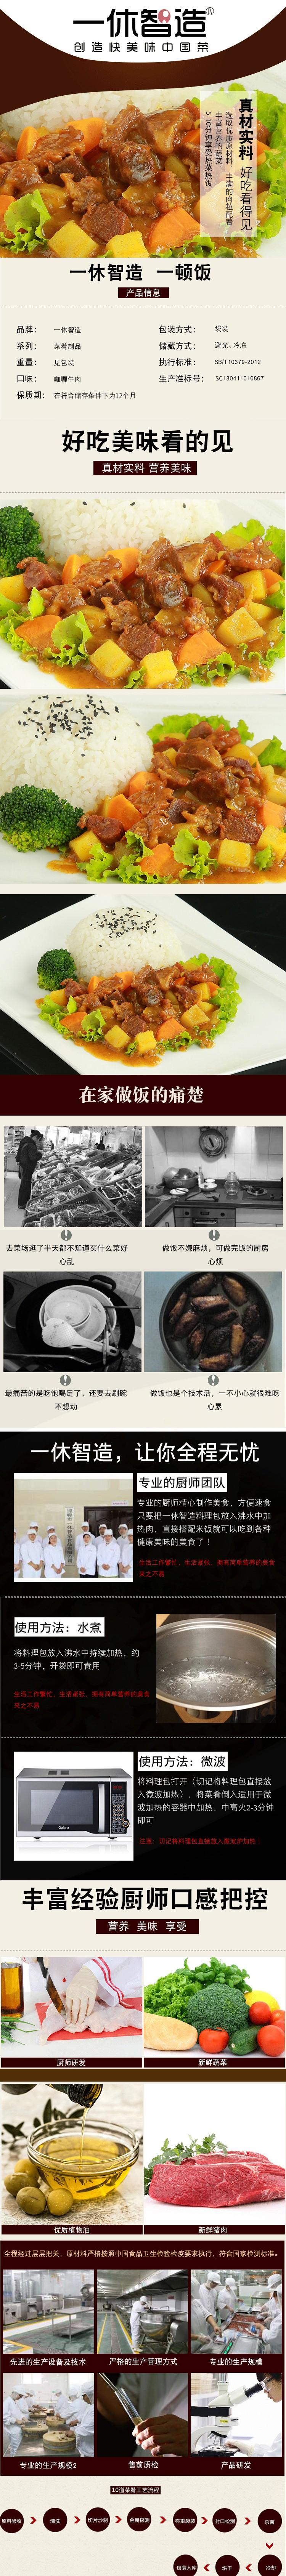 咖喱牛肉.jpg